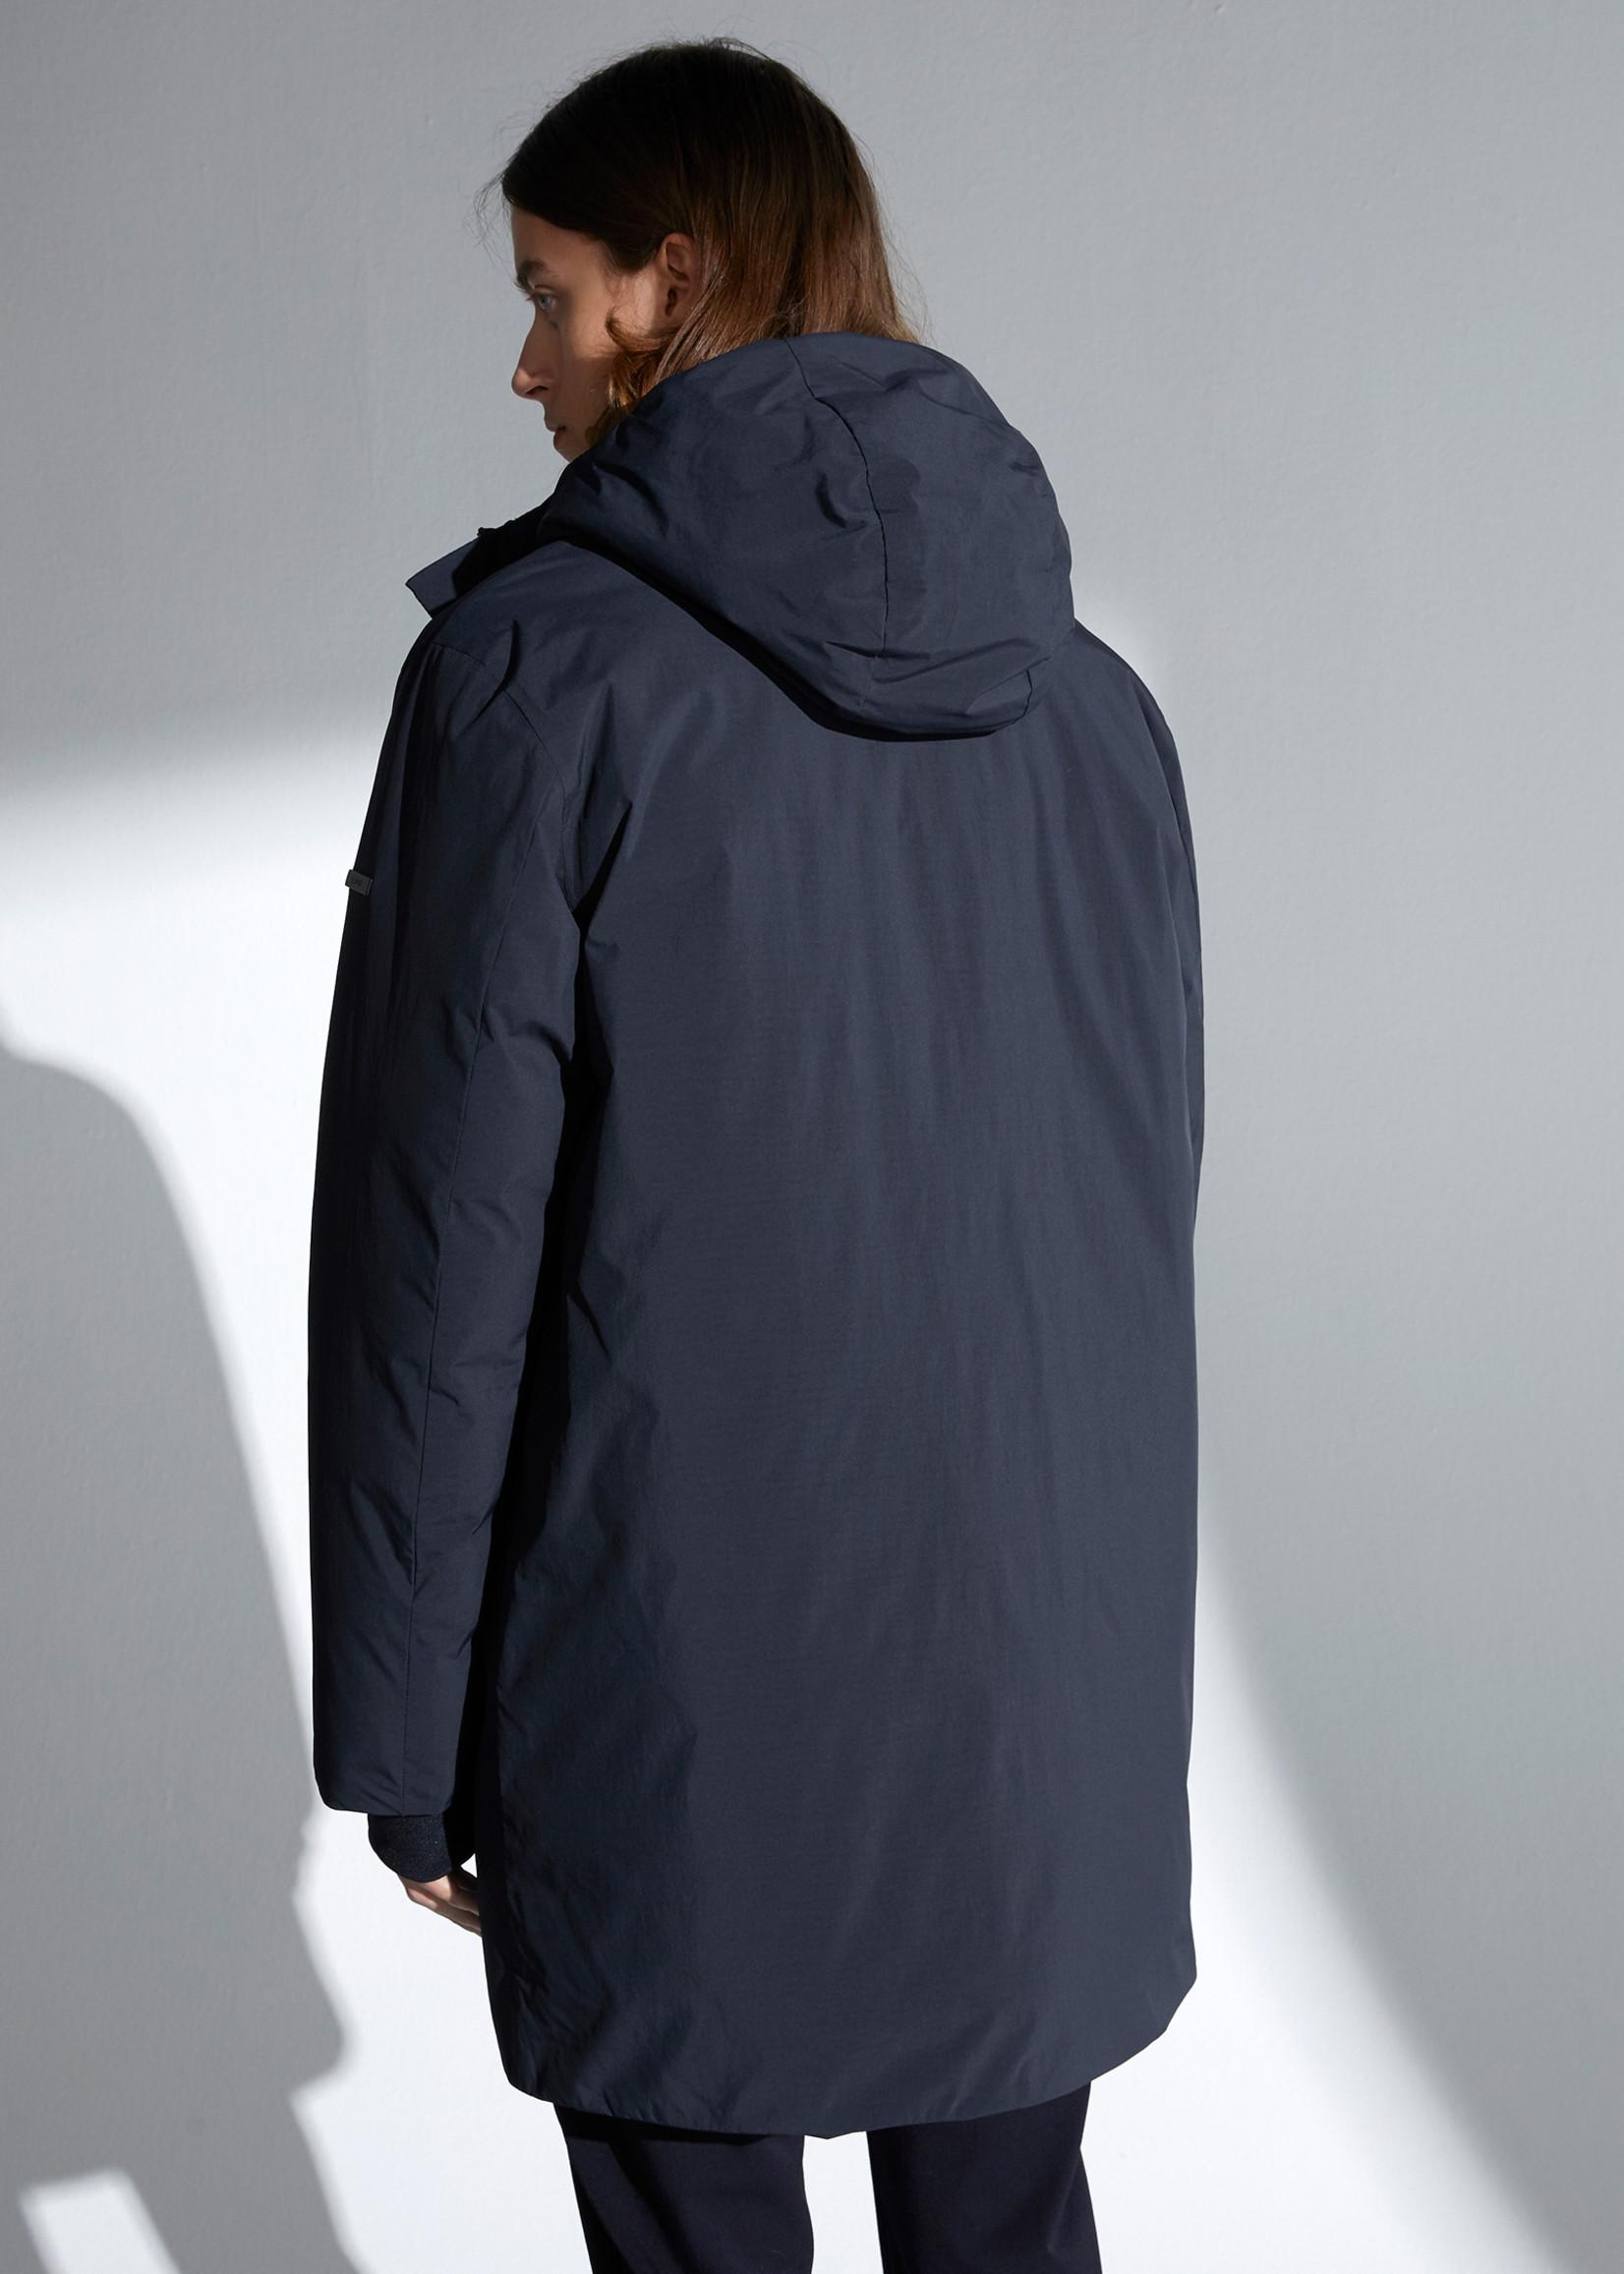 Elvine Fidel Jacket